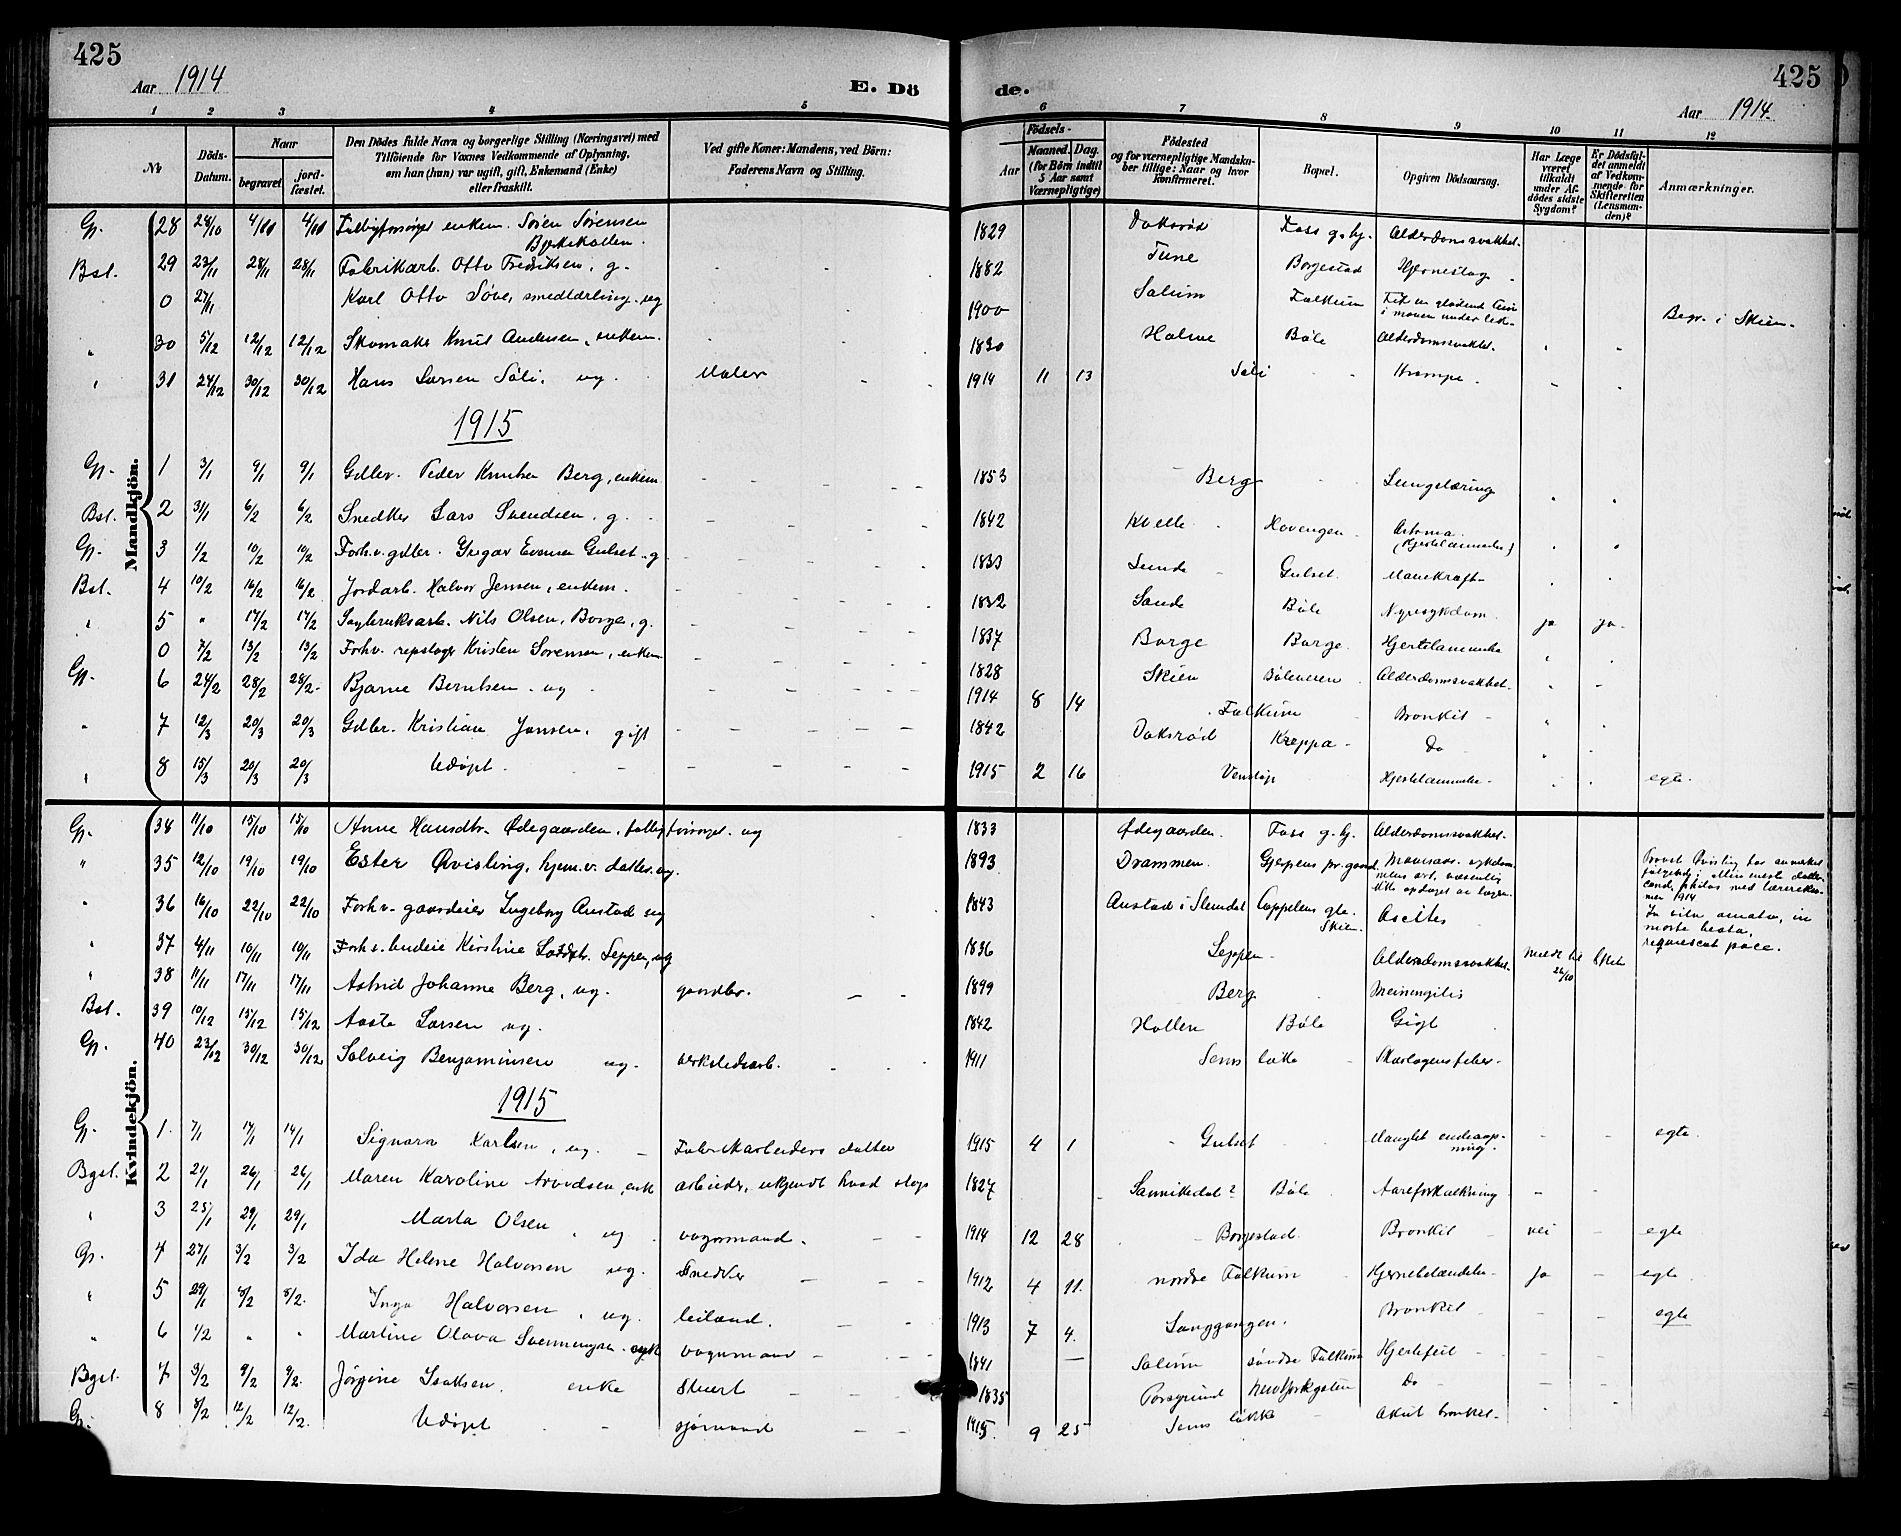 SAKO, Gjerpen kirkebøker, G/Ga/L0003: Klokkerbok nr. I 3, 1901-1919, s. 425